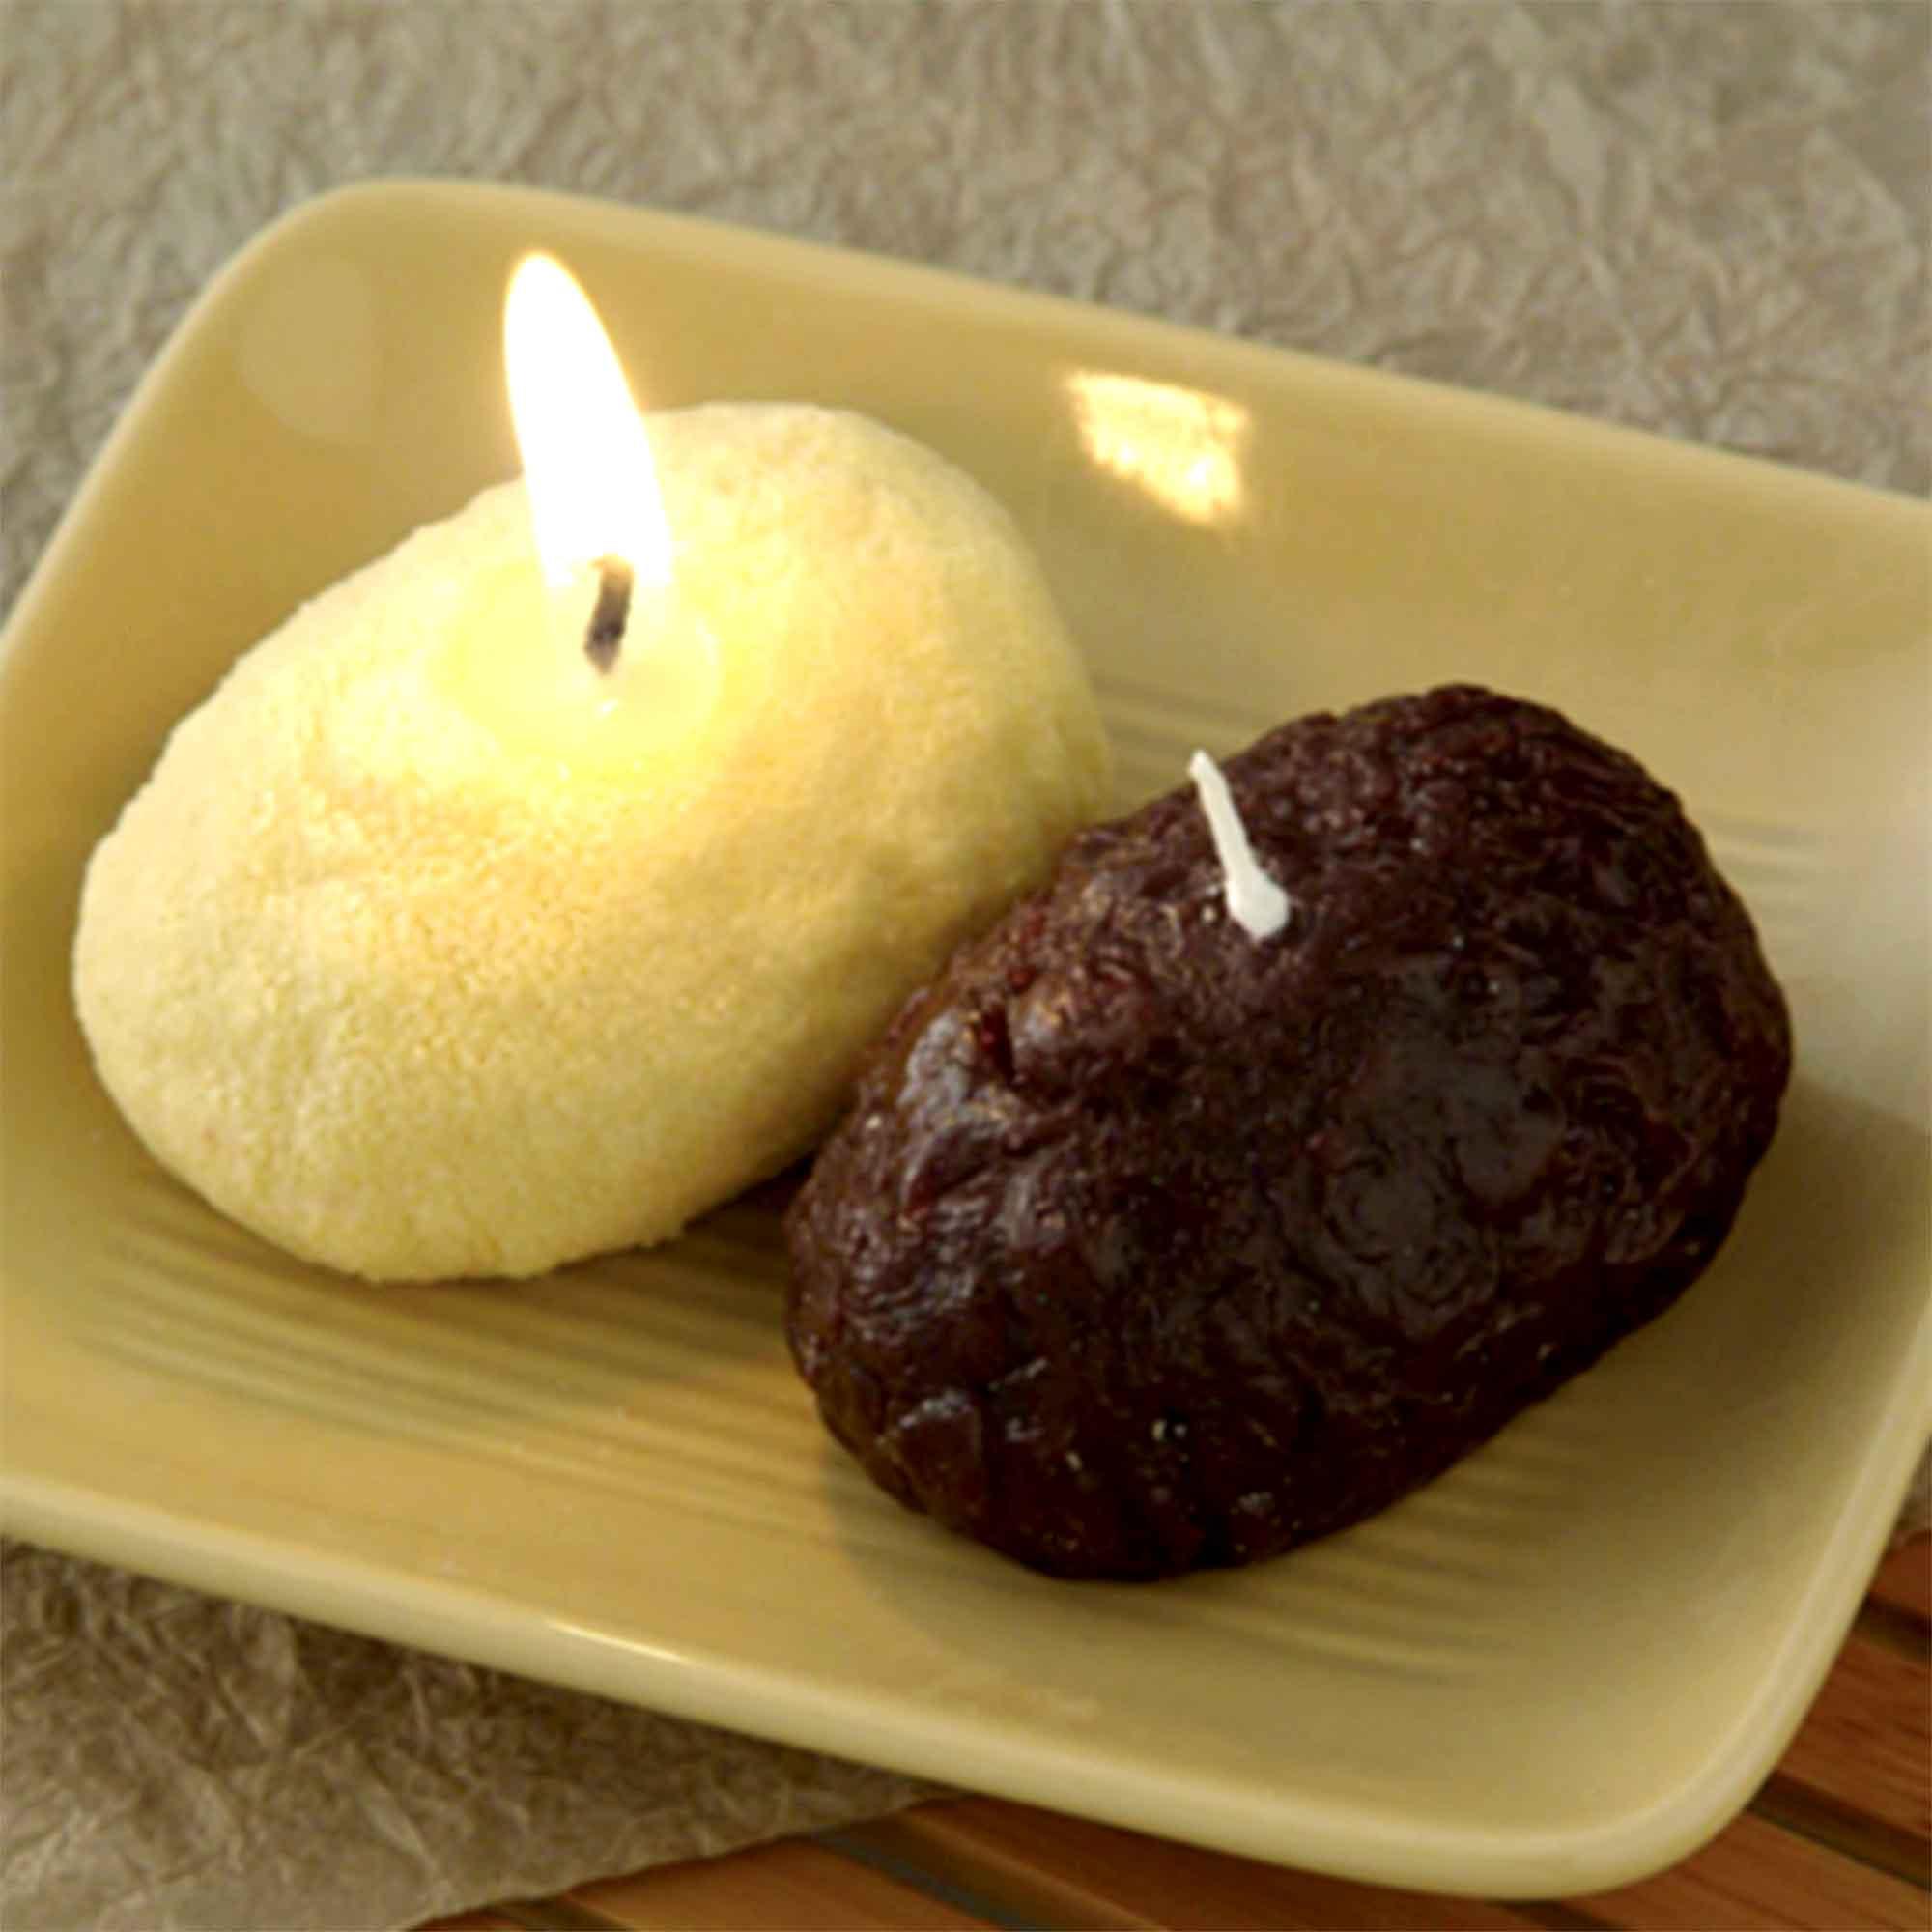 kobutu-candle-image3